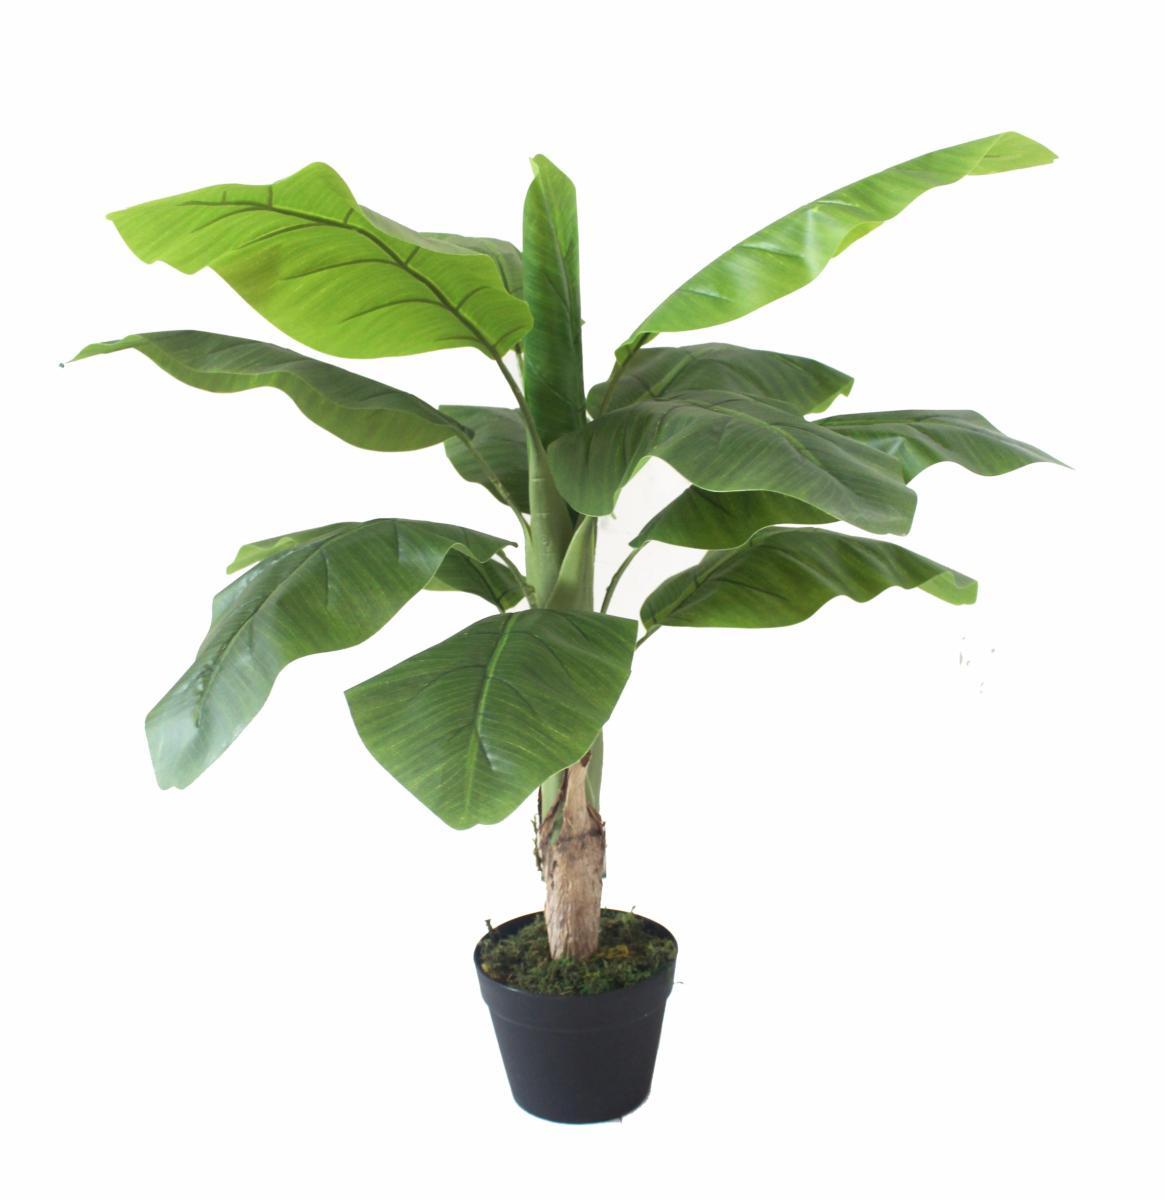 bananier d'intérieur jardiland | plantes vertes page 43 loisirs